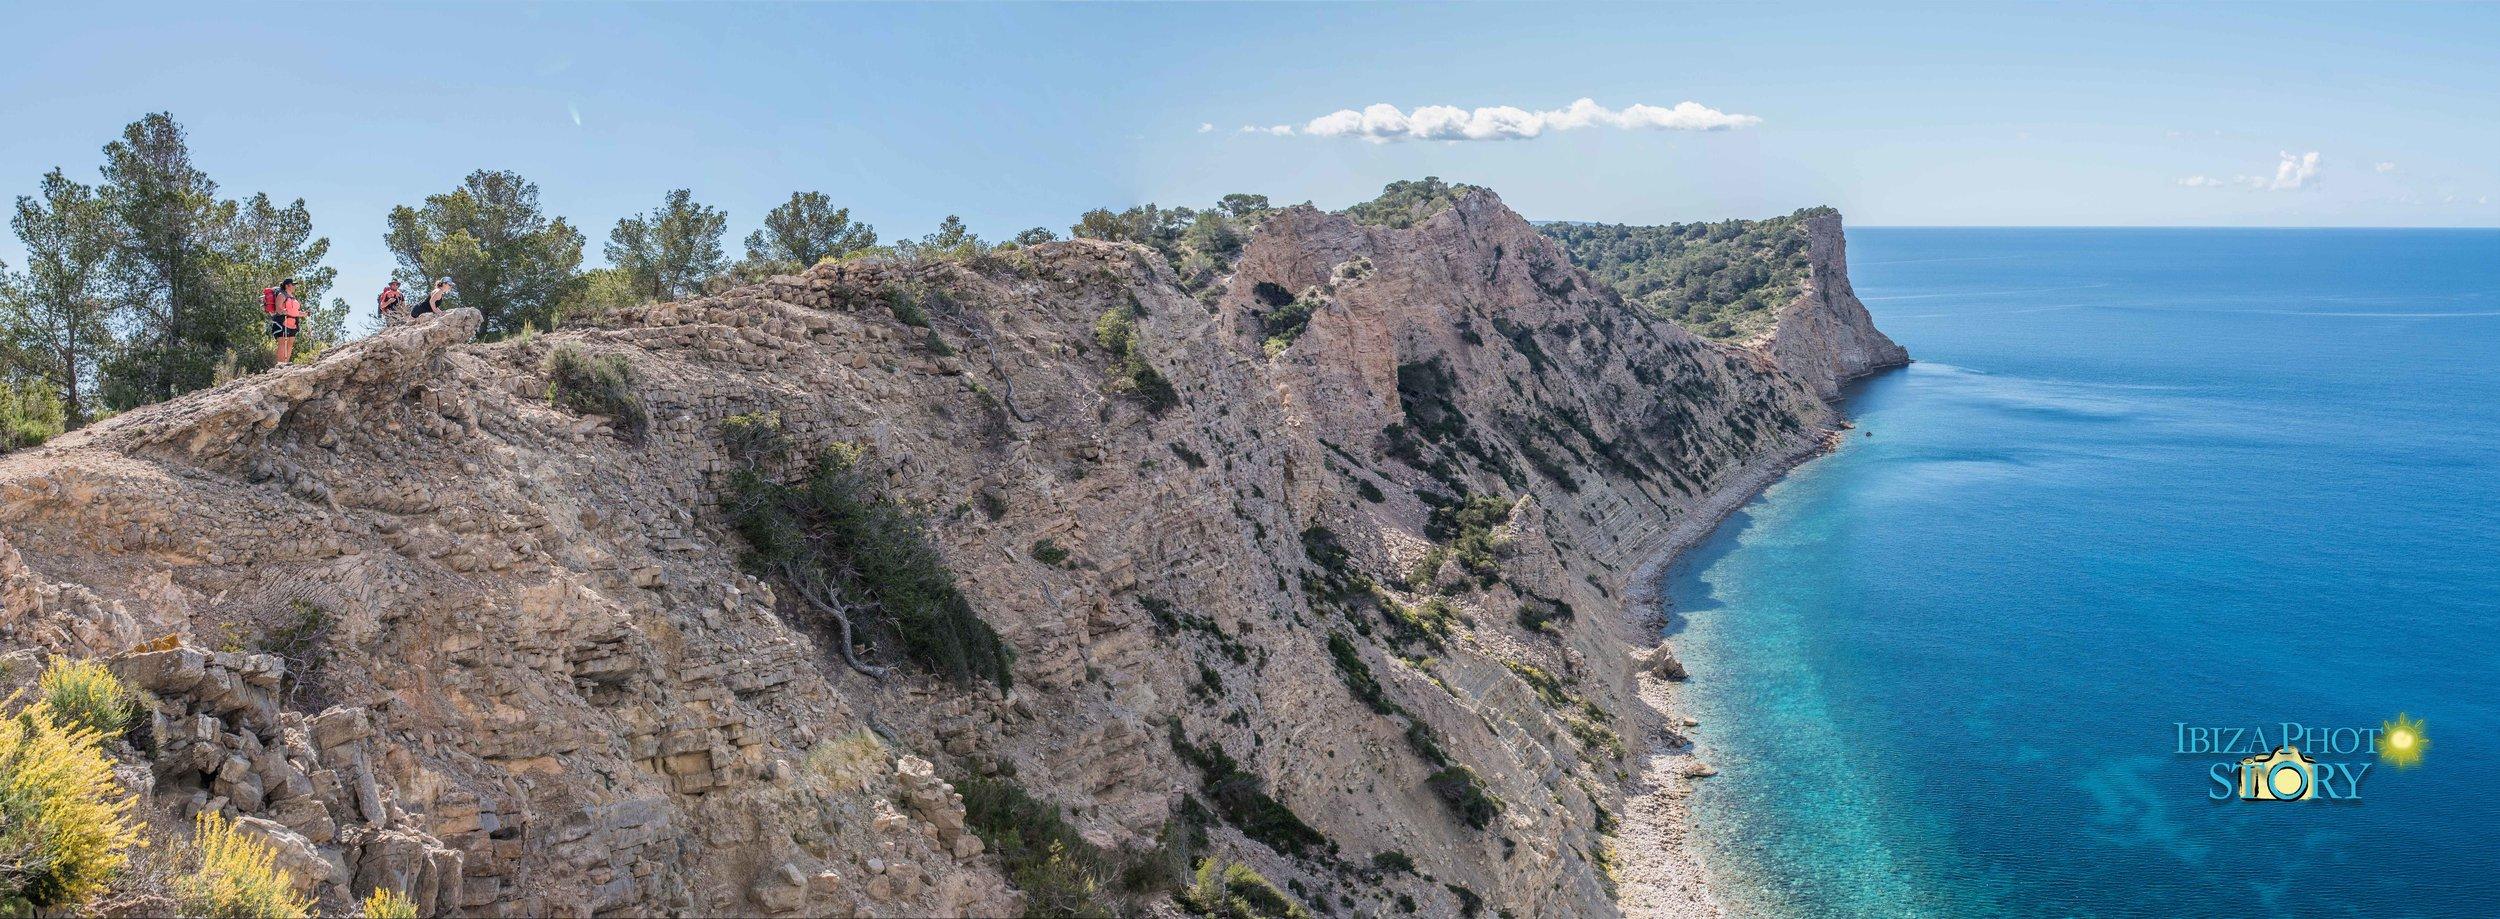 Ibiza Photos (2).jpg